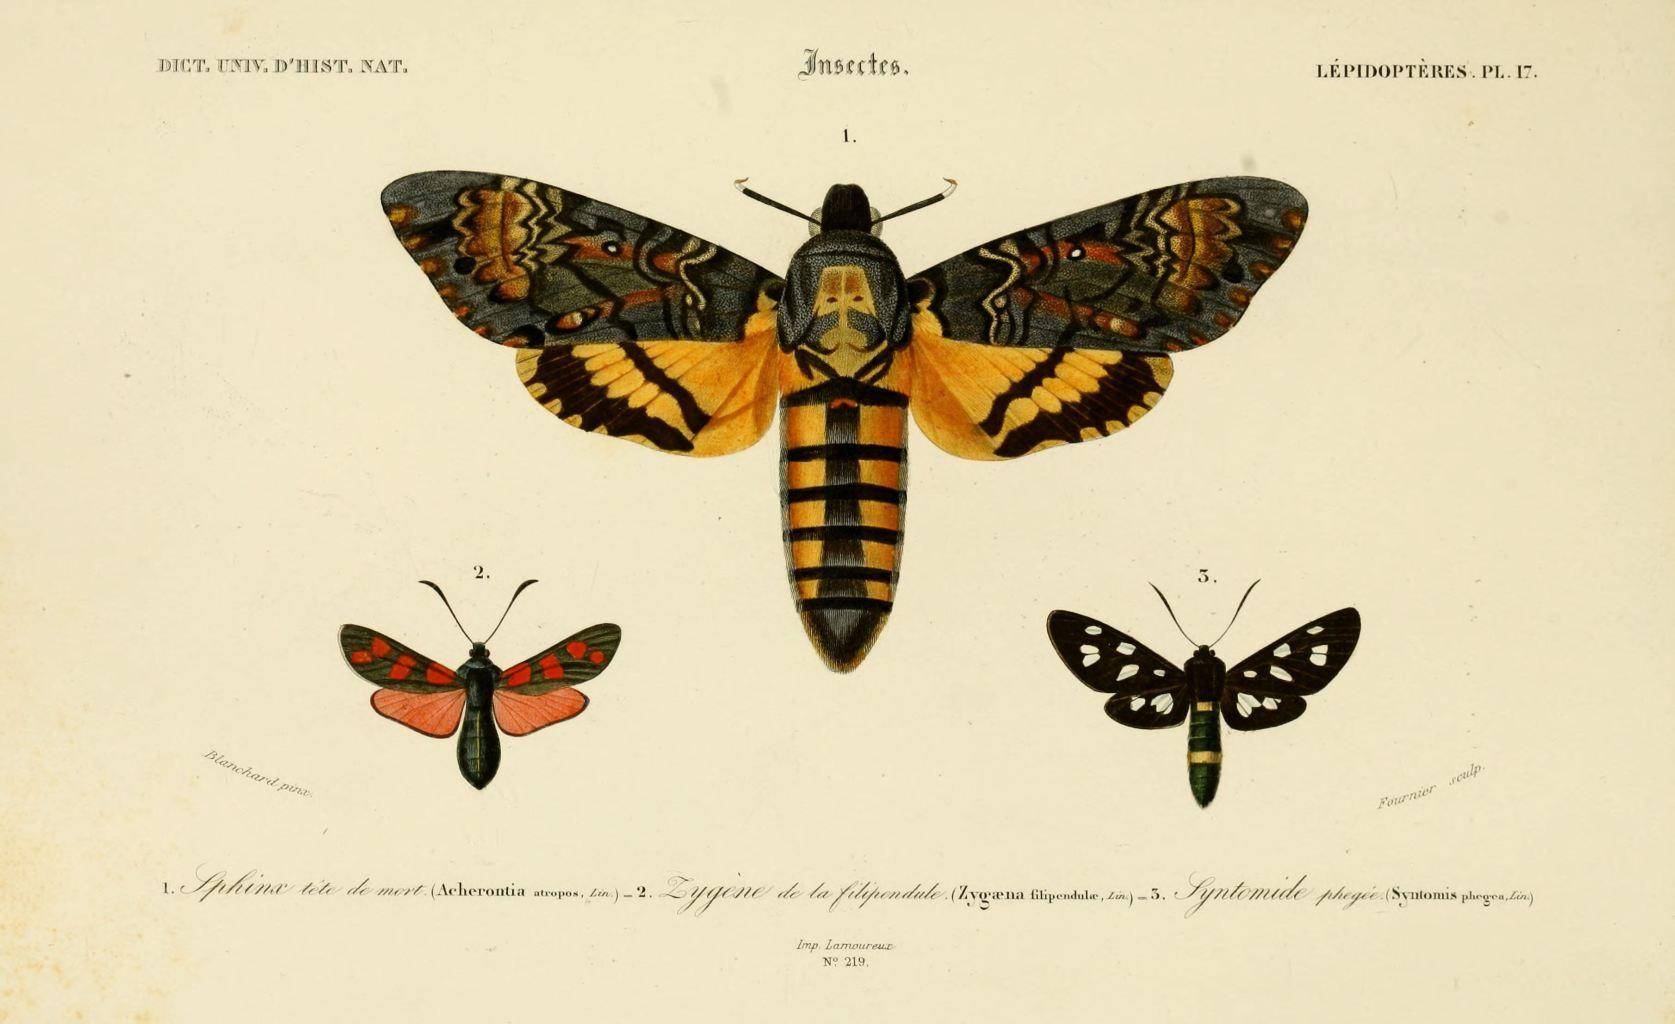 Gravures couleur d 39 insectes dessin insectes 0193 - Papillon dessin couleur ...